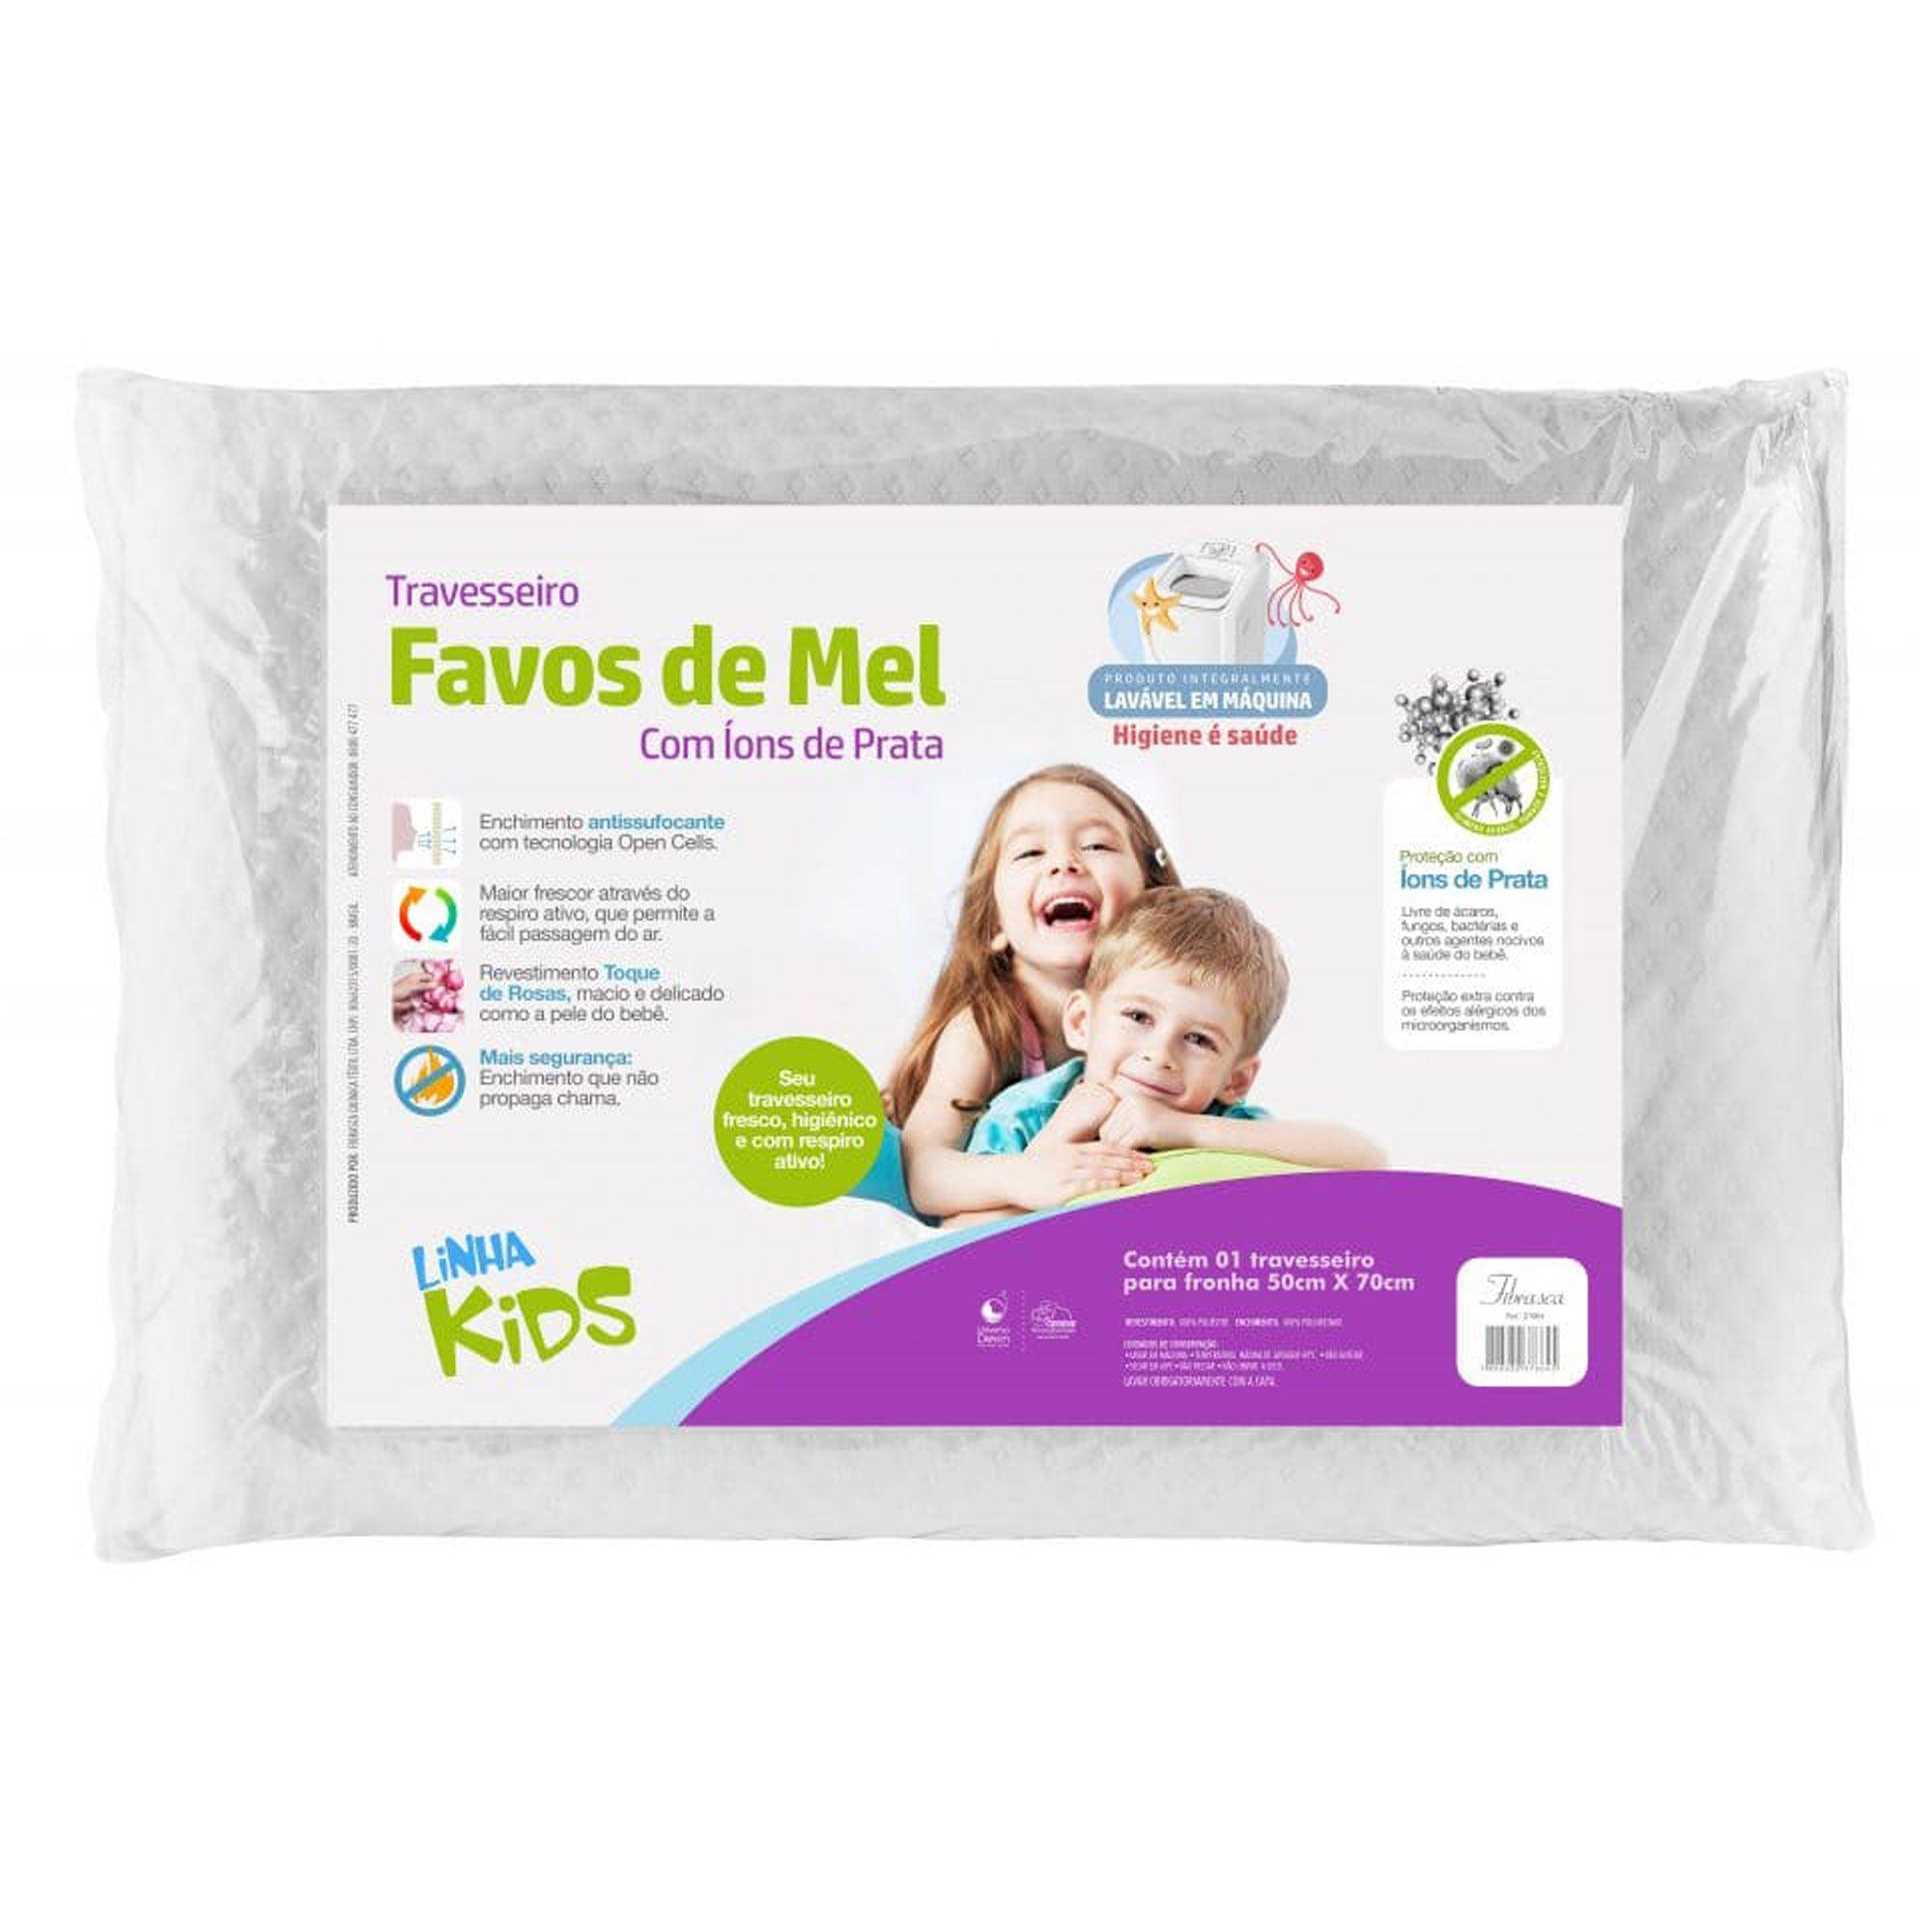 Travesseiro Fibrasca Favos de Mel Kids, Macio, 050 x 070 cm